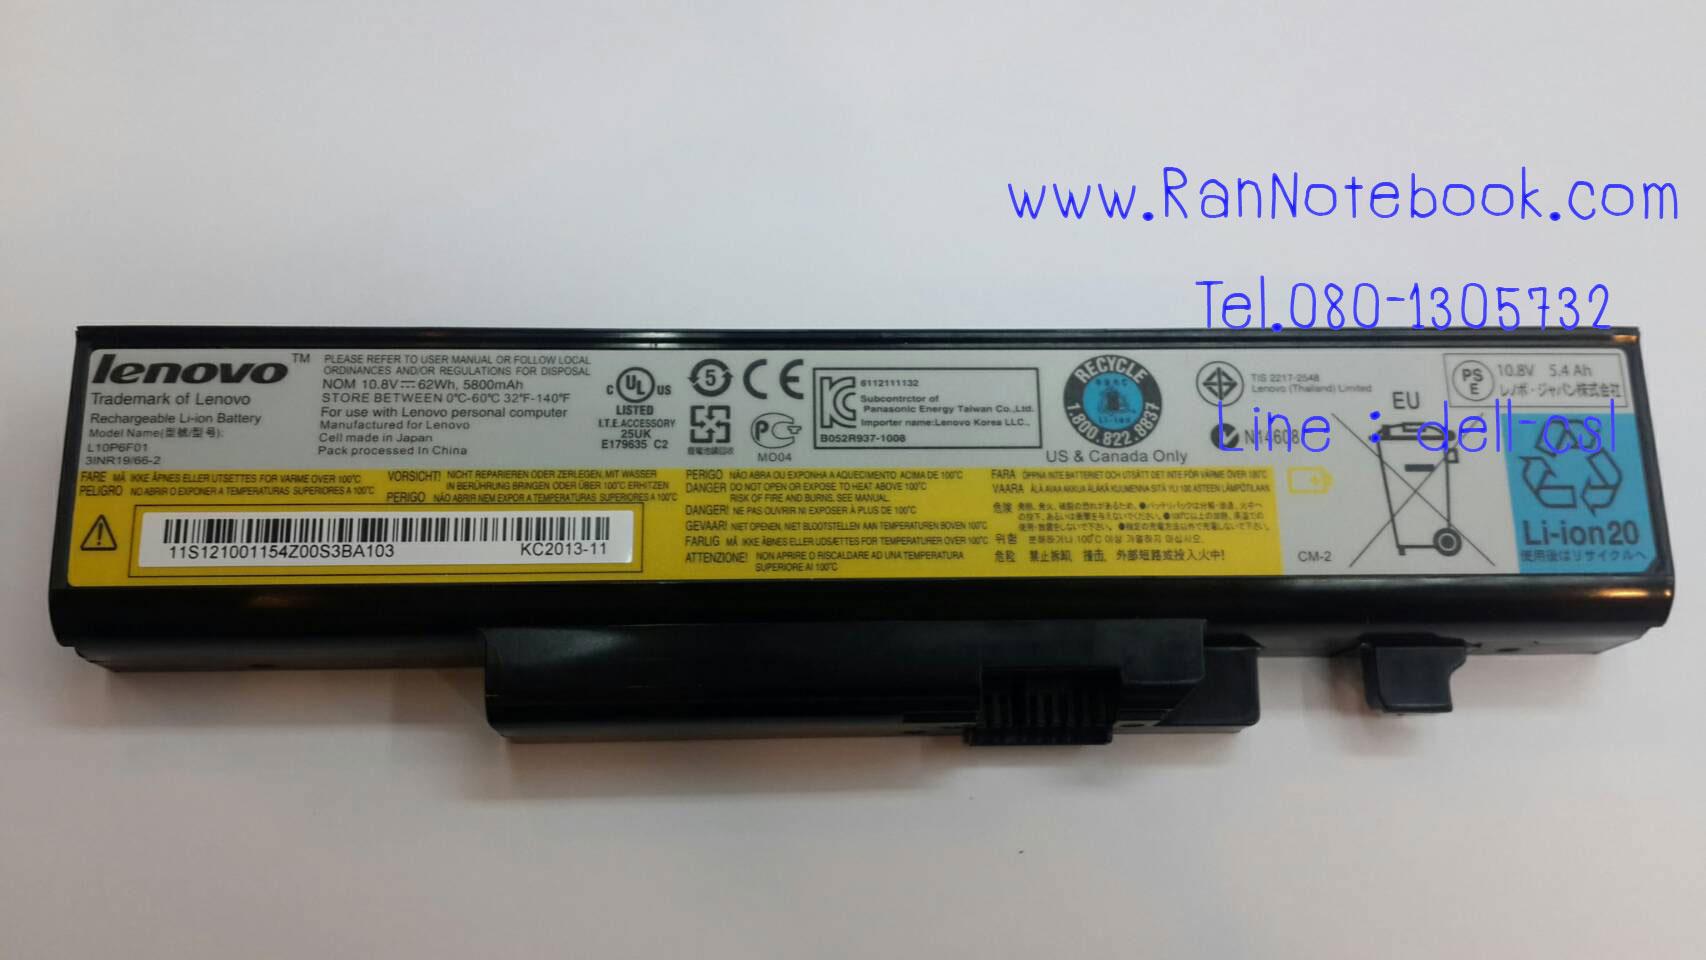 Battery LENOVO IdeaPad Y470, Y570 ของแท้ ประกันศูนย์ ราคา ไม่แพง